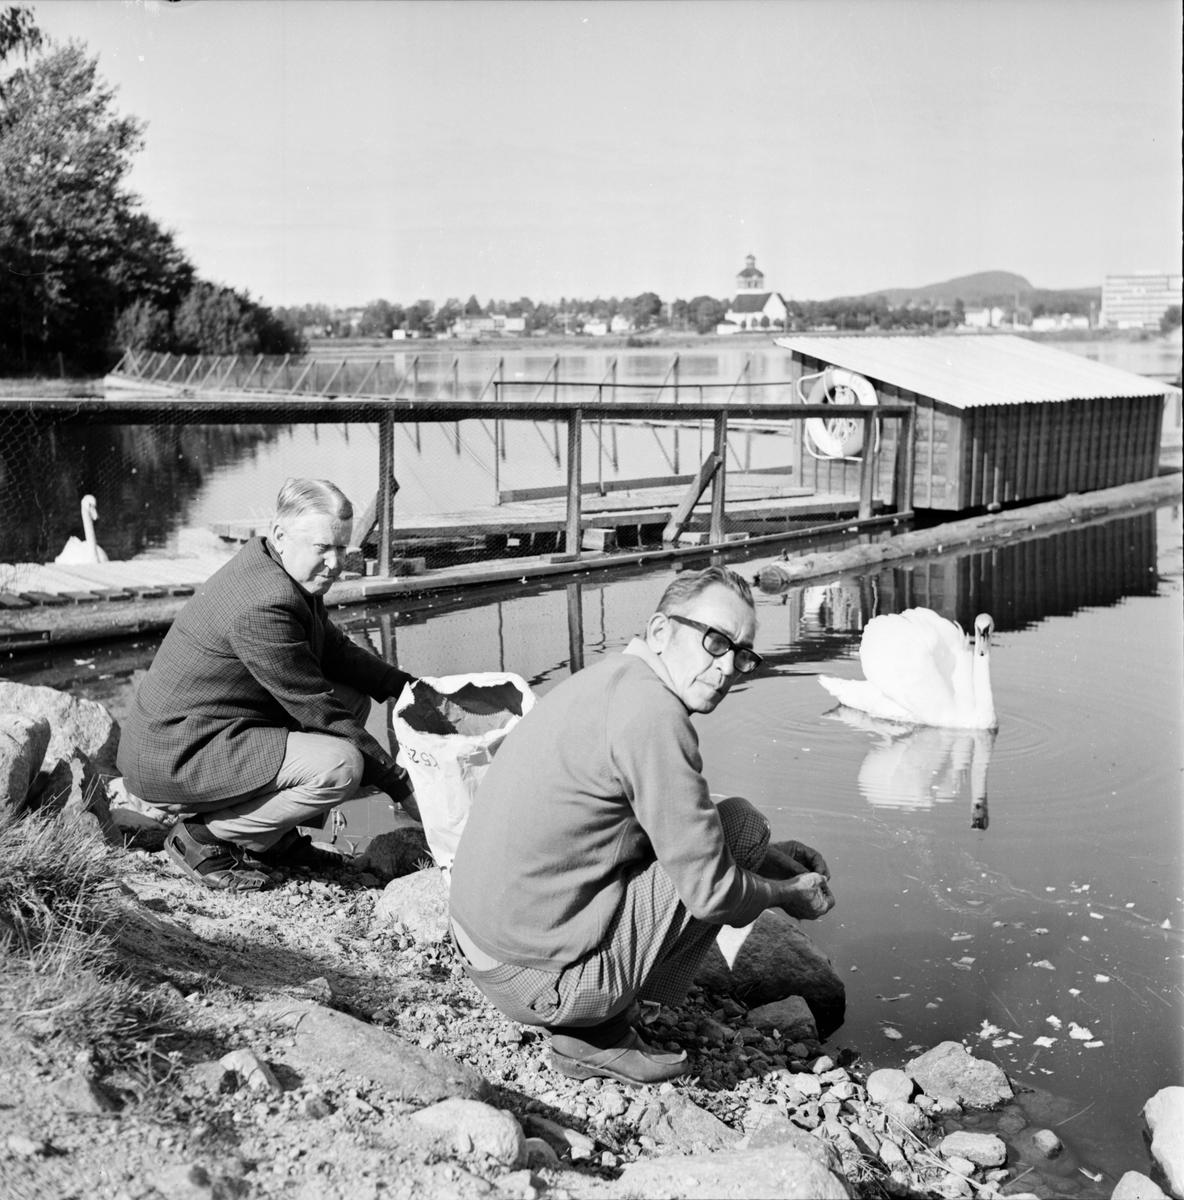 Bollnäs, Fågelliv på vågen, Svan på vågen, Aug 1970